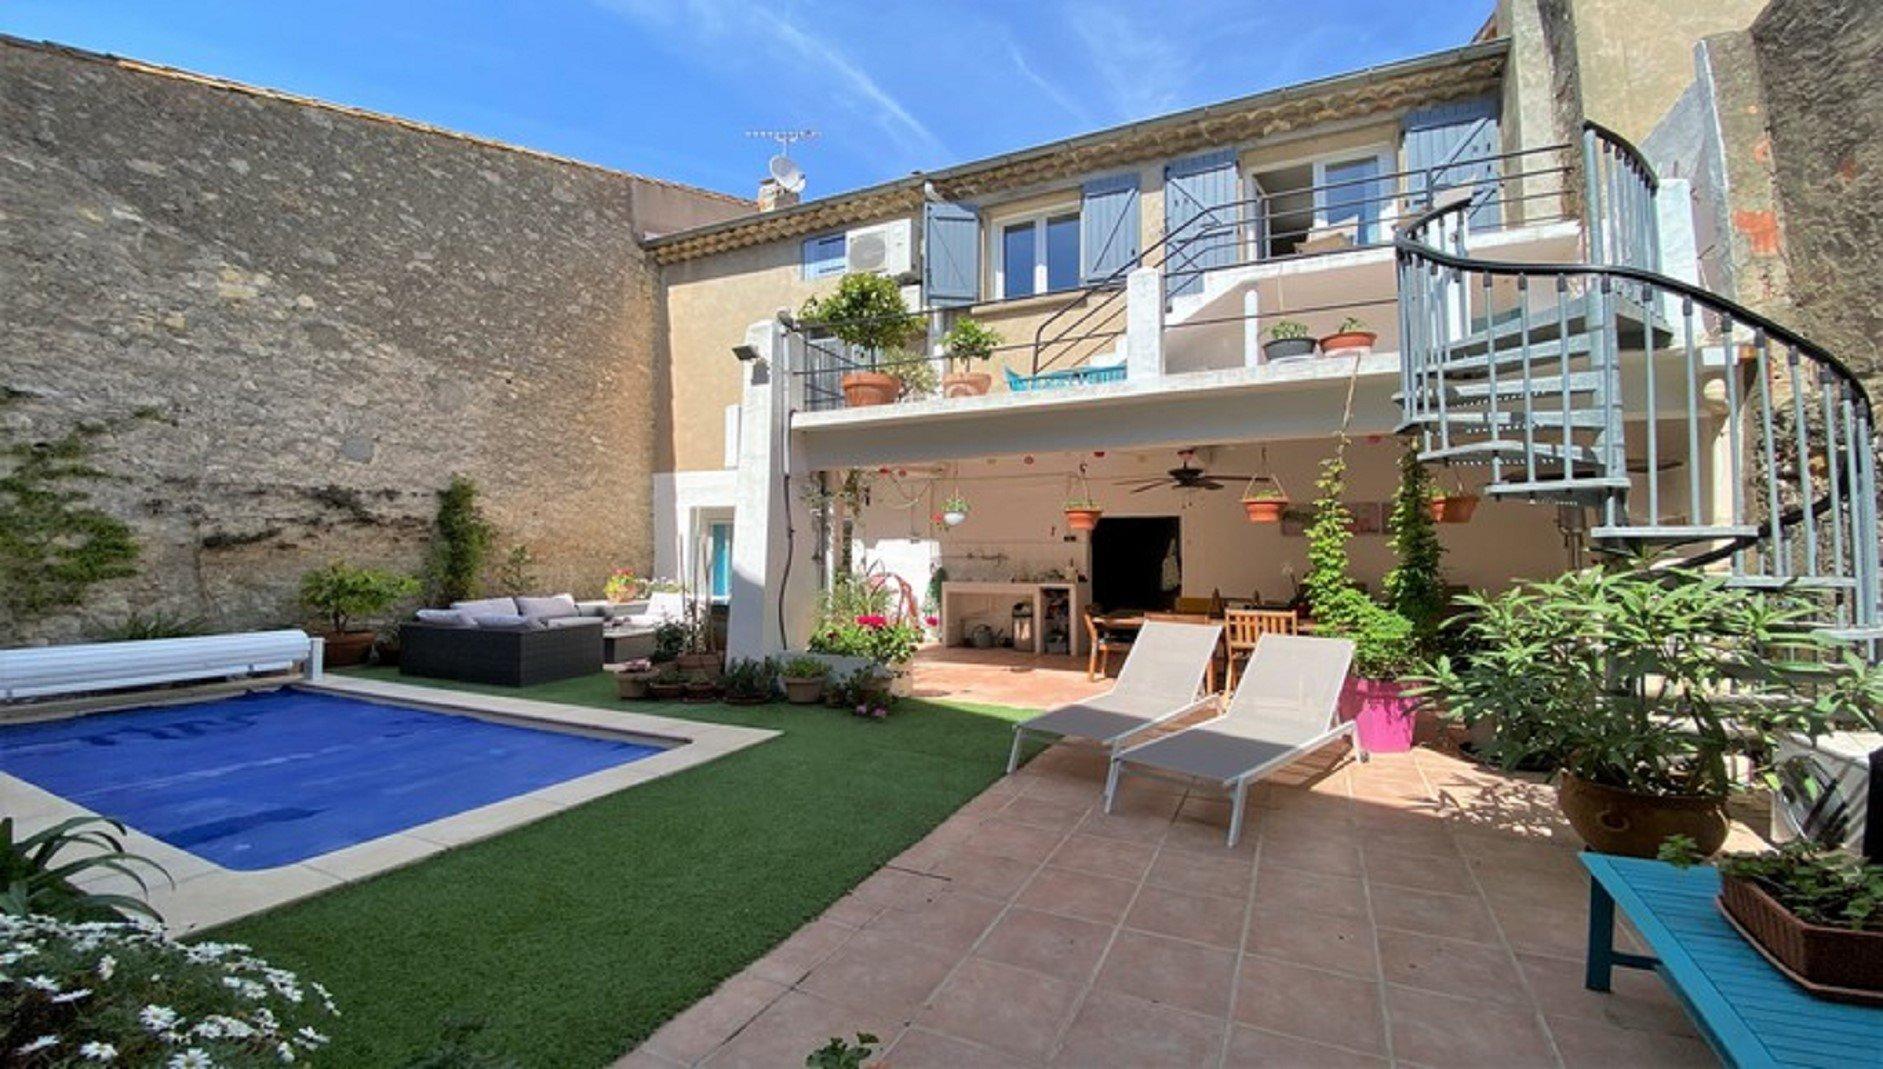 Maison de village avec piscine et jardin